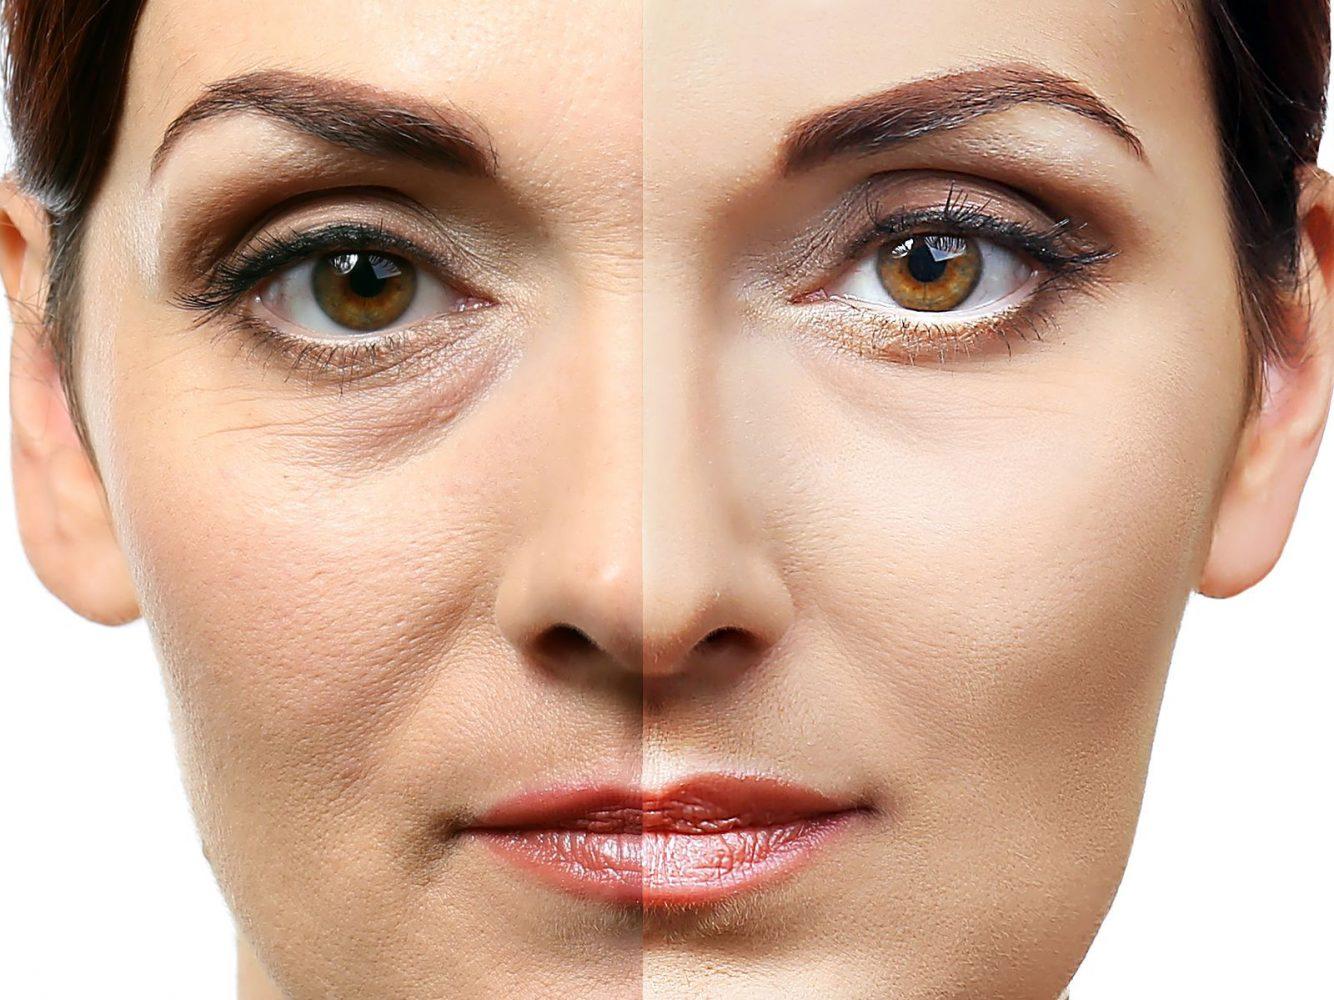 imagen de blefaroplastia-clinica-renacimiento-madrid-y-marbella